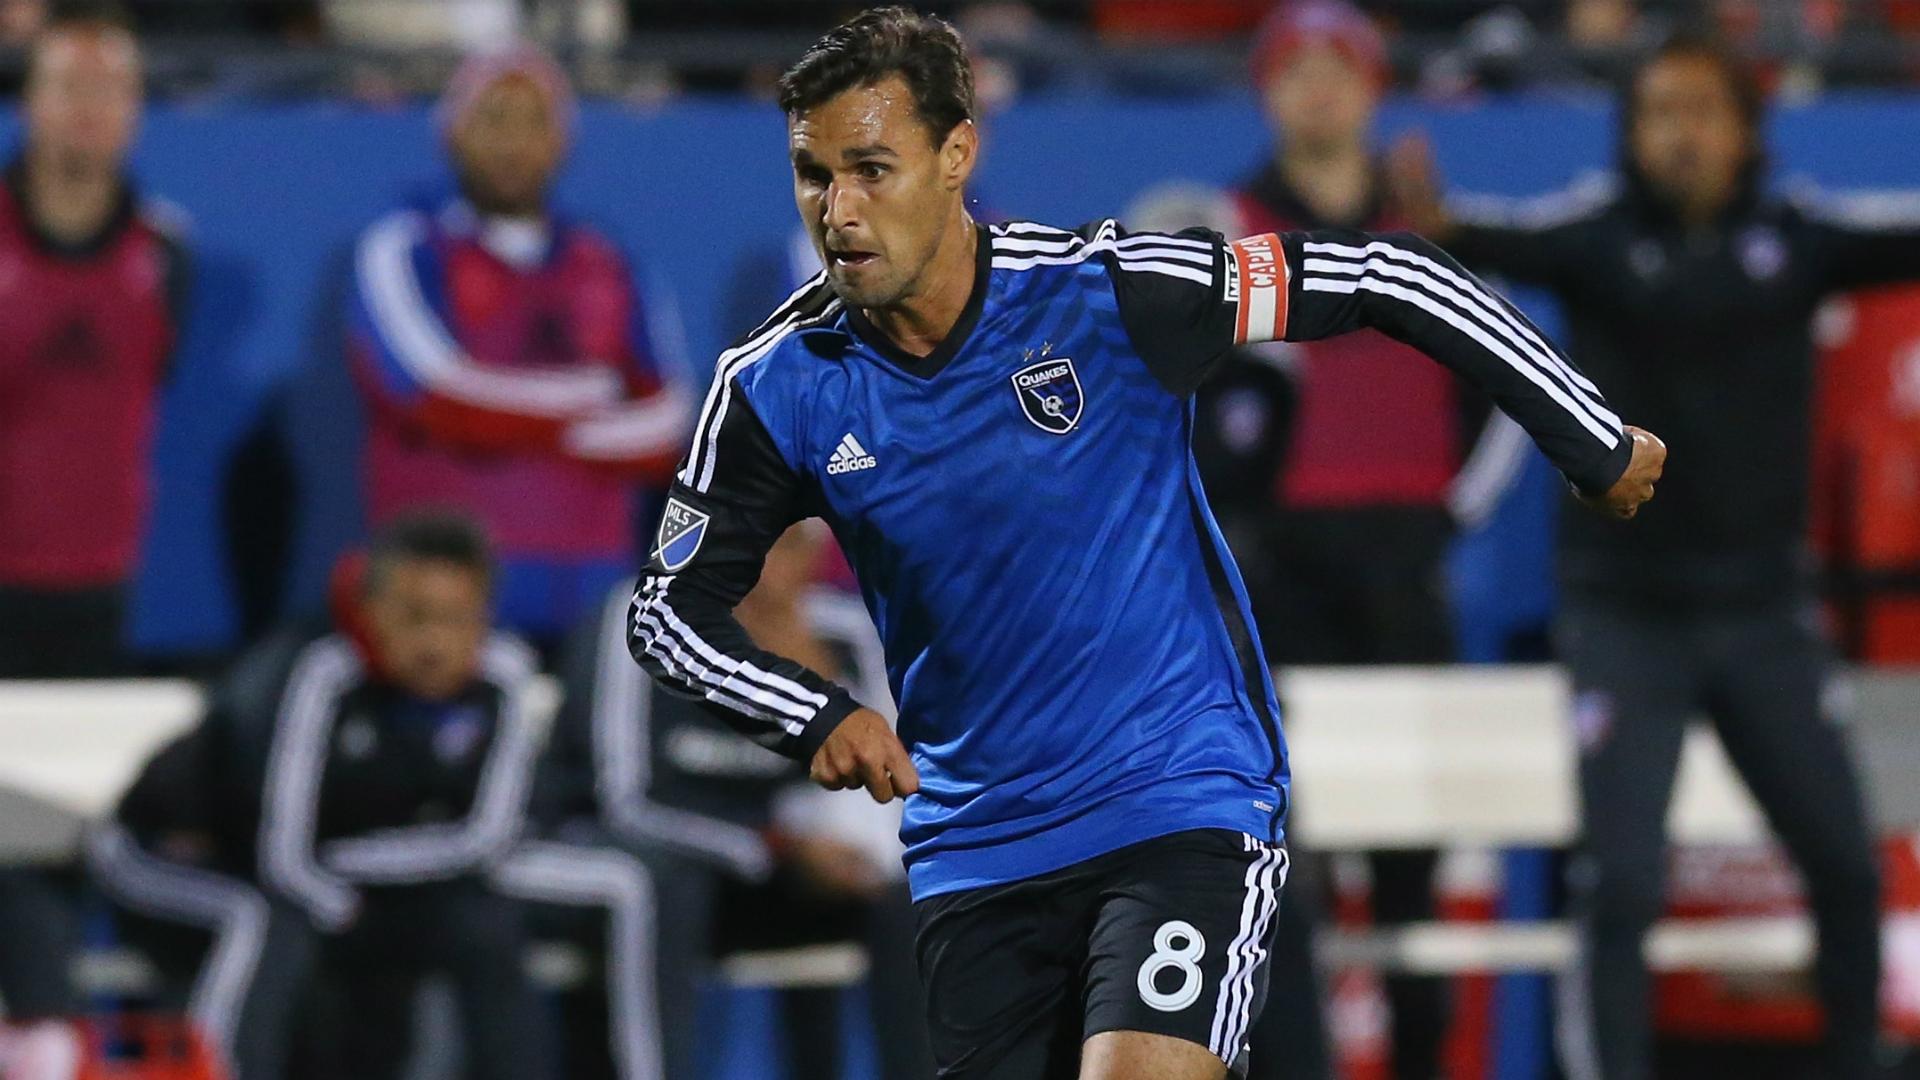 MLS preview: Earthquakes' Wondolowski poised to join 100-goal club